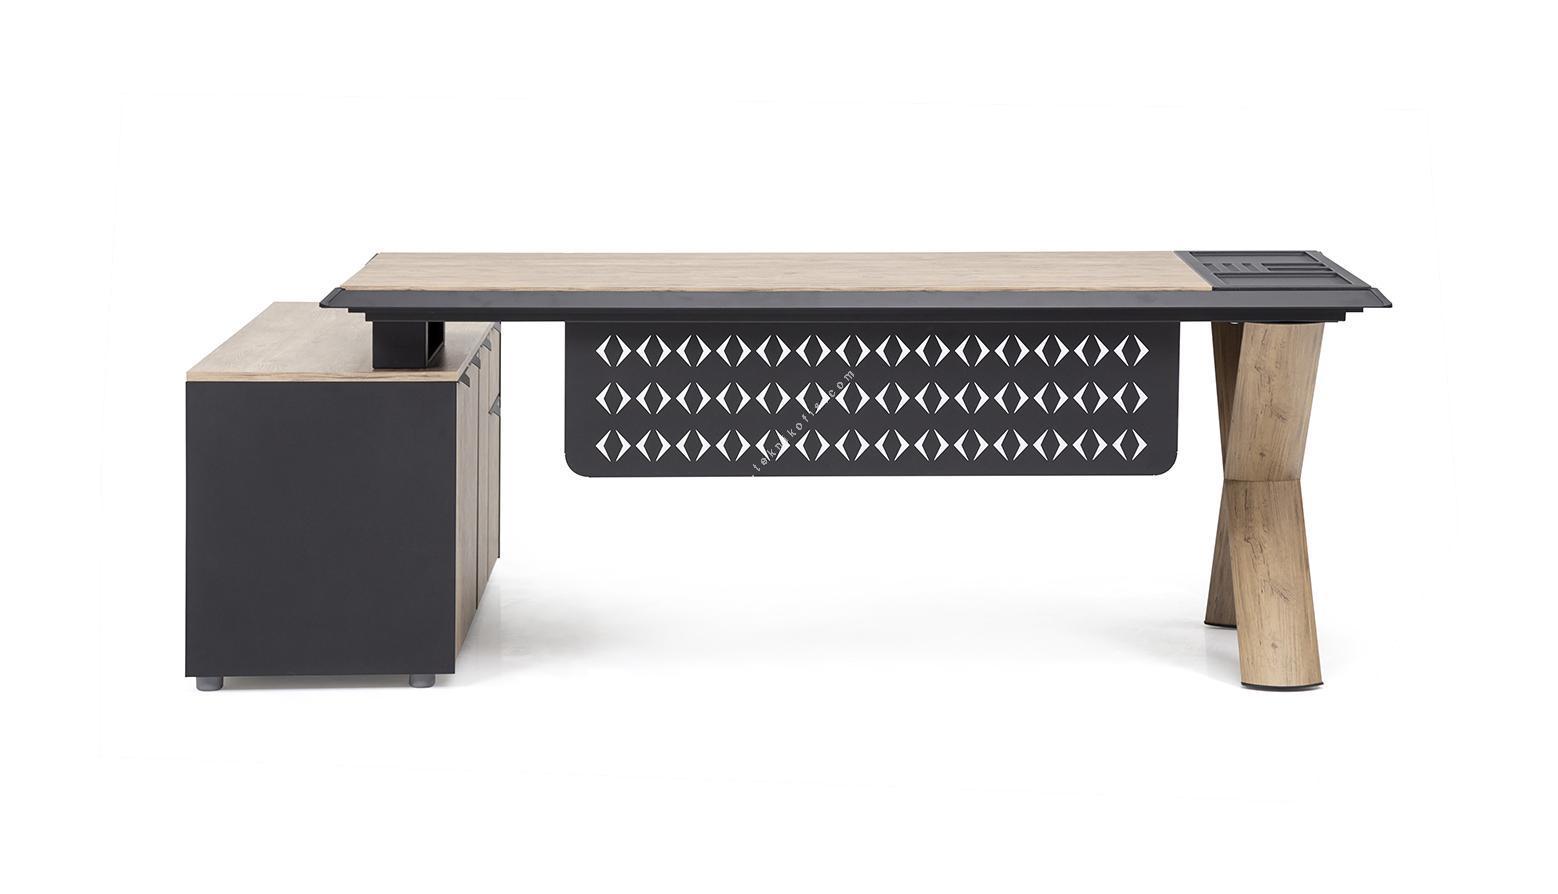 captiva etajerli yönetici masası 180cm